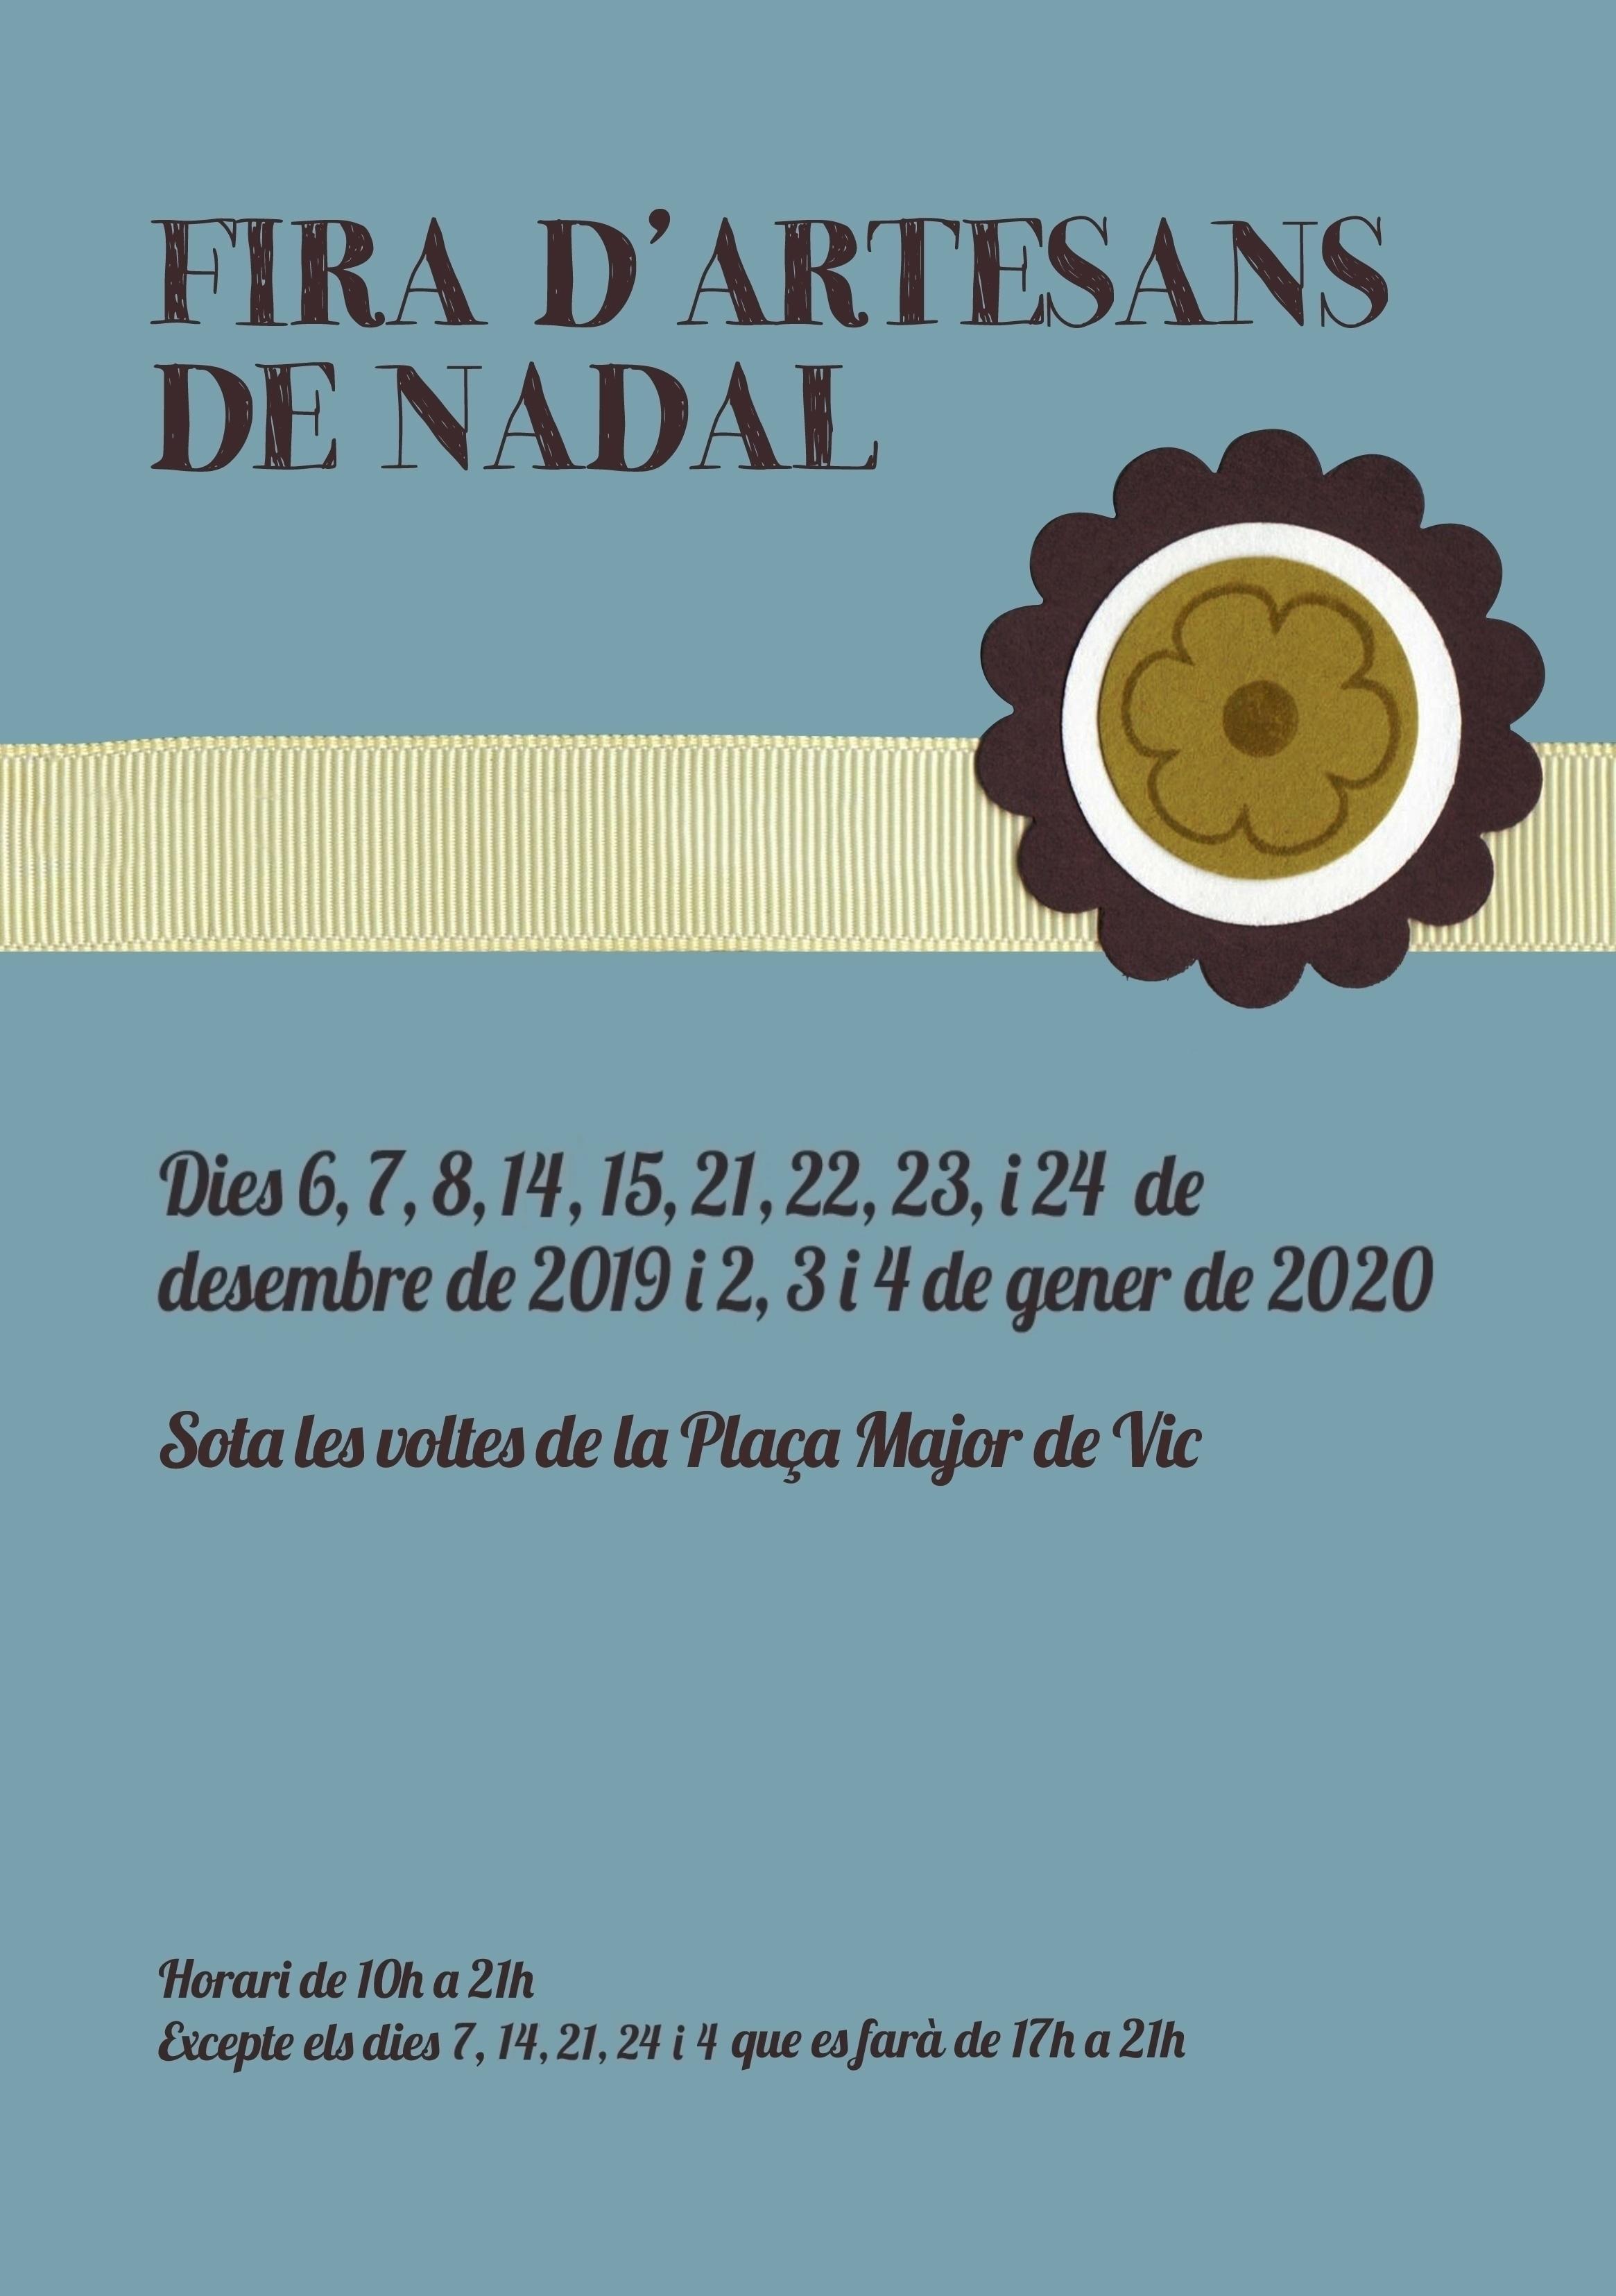 FIRA D'ARTESANS DE NADAL 2019-2020